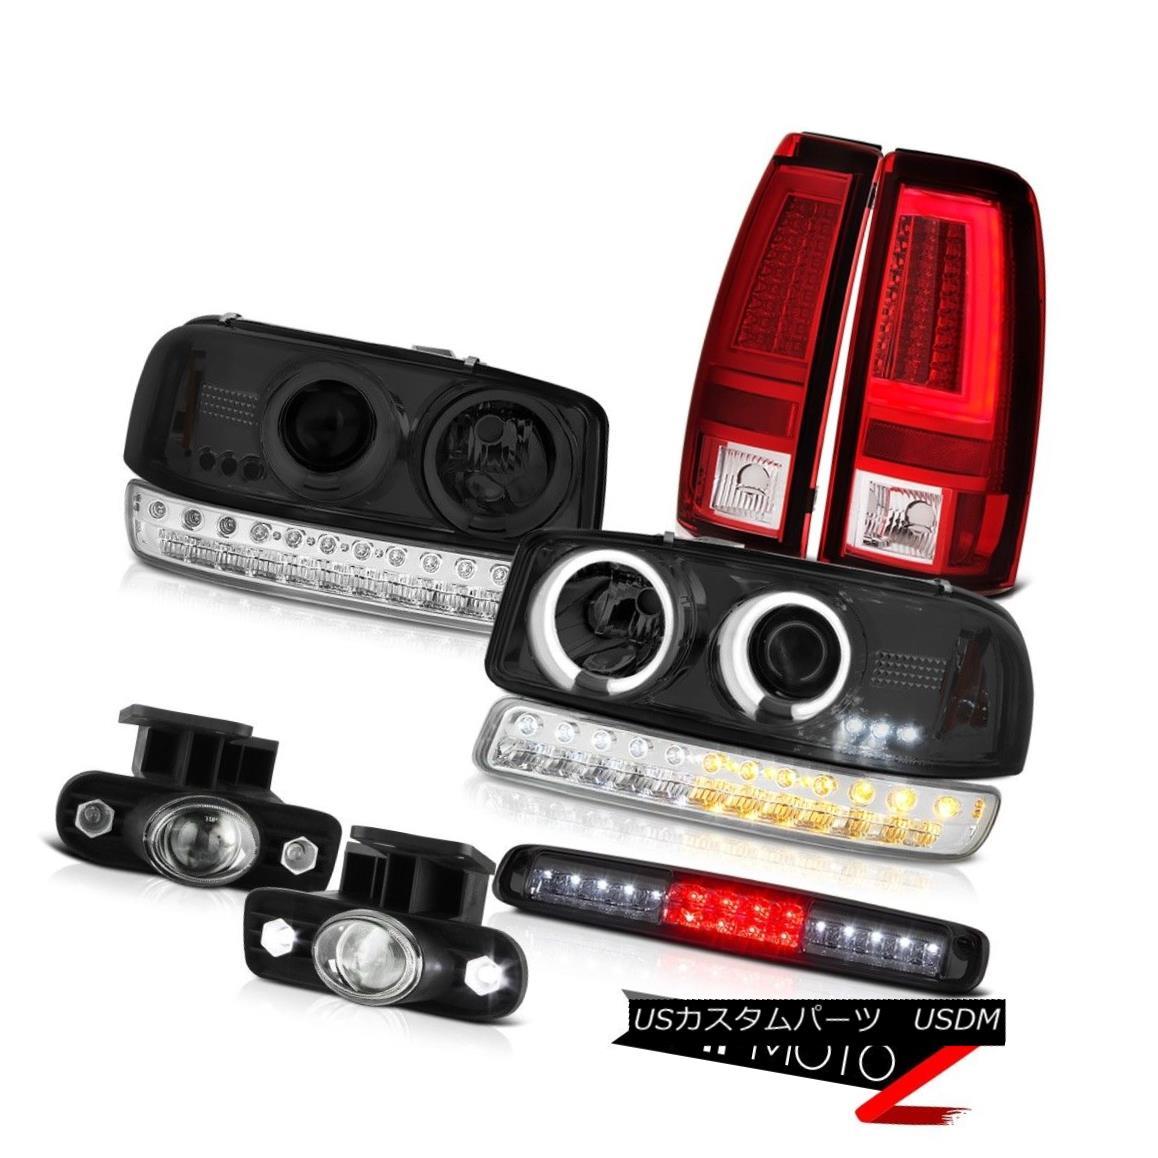 ヘッドライト 99-02 GMC Sierra Tail Lamps Roof Cab Light Fog Bumper CCFL Headlamps